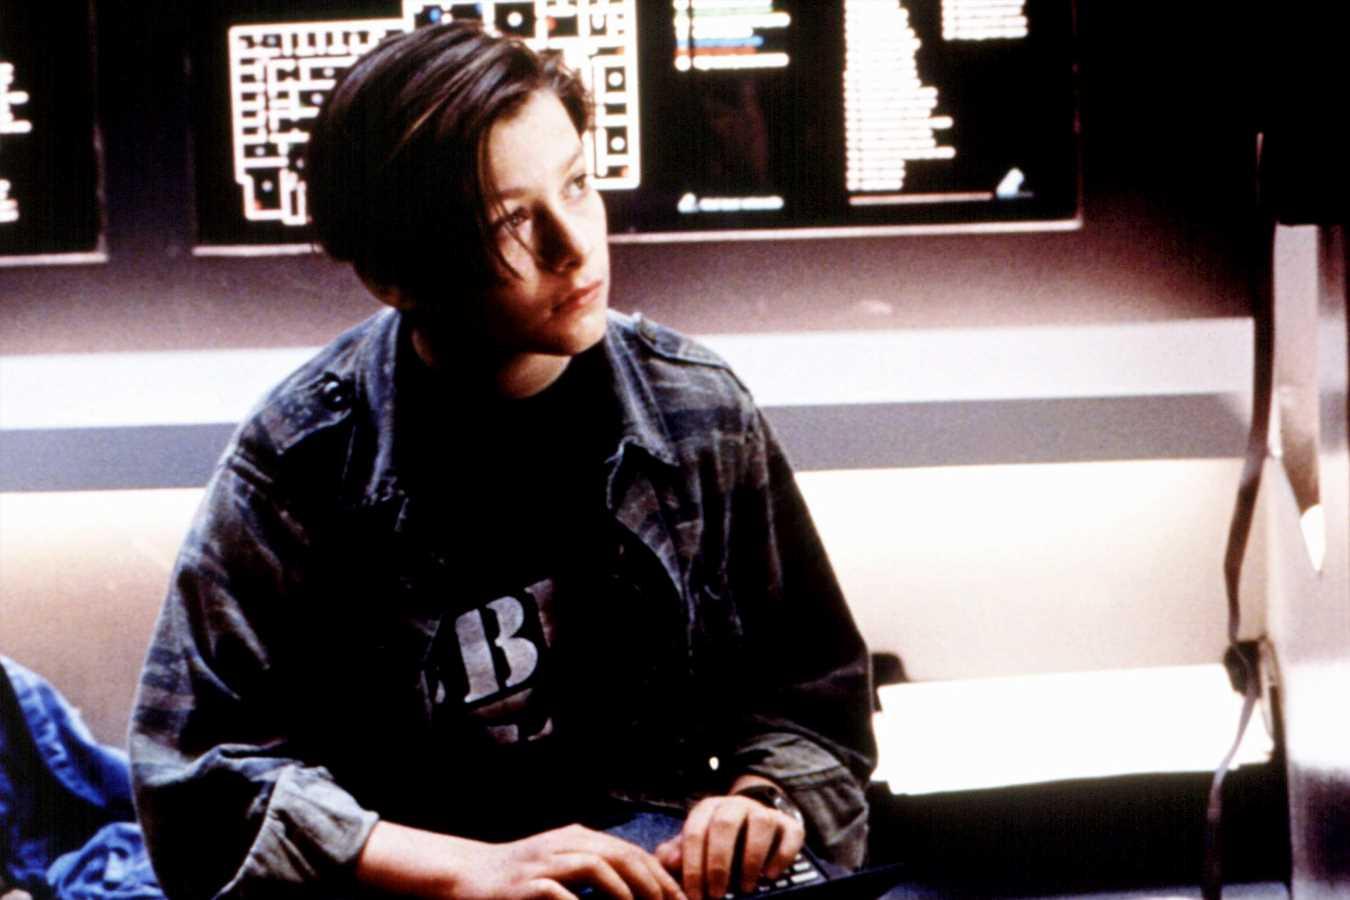 Terminator Dark Fate: Edward Furlong back as John Connor